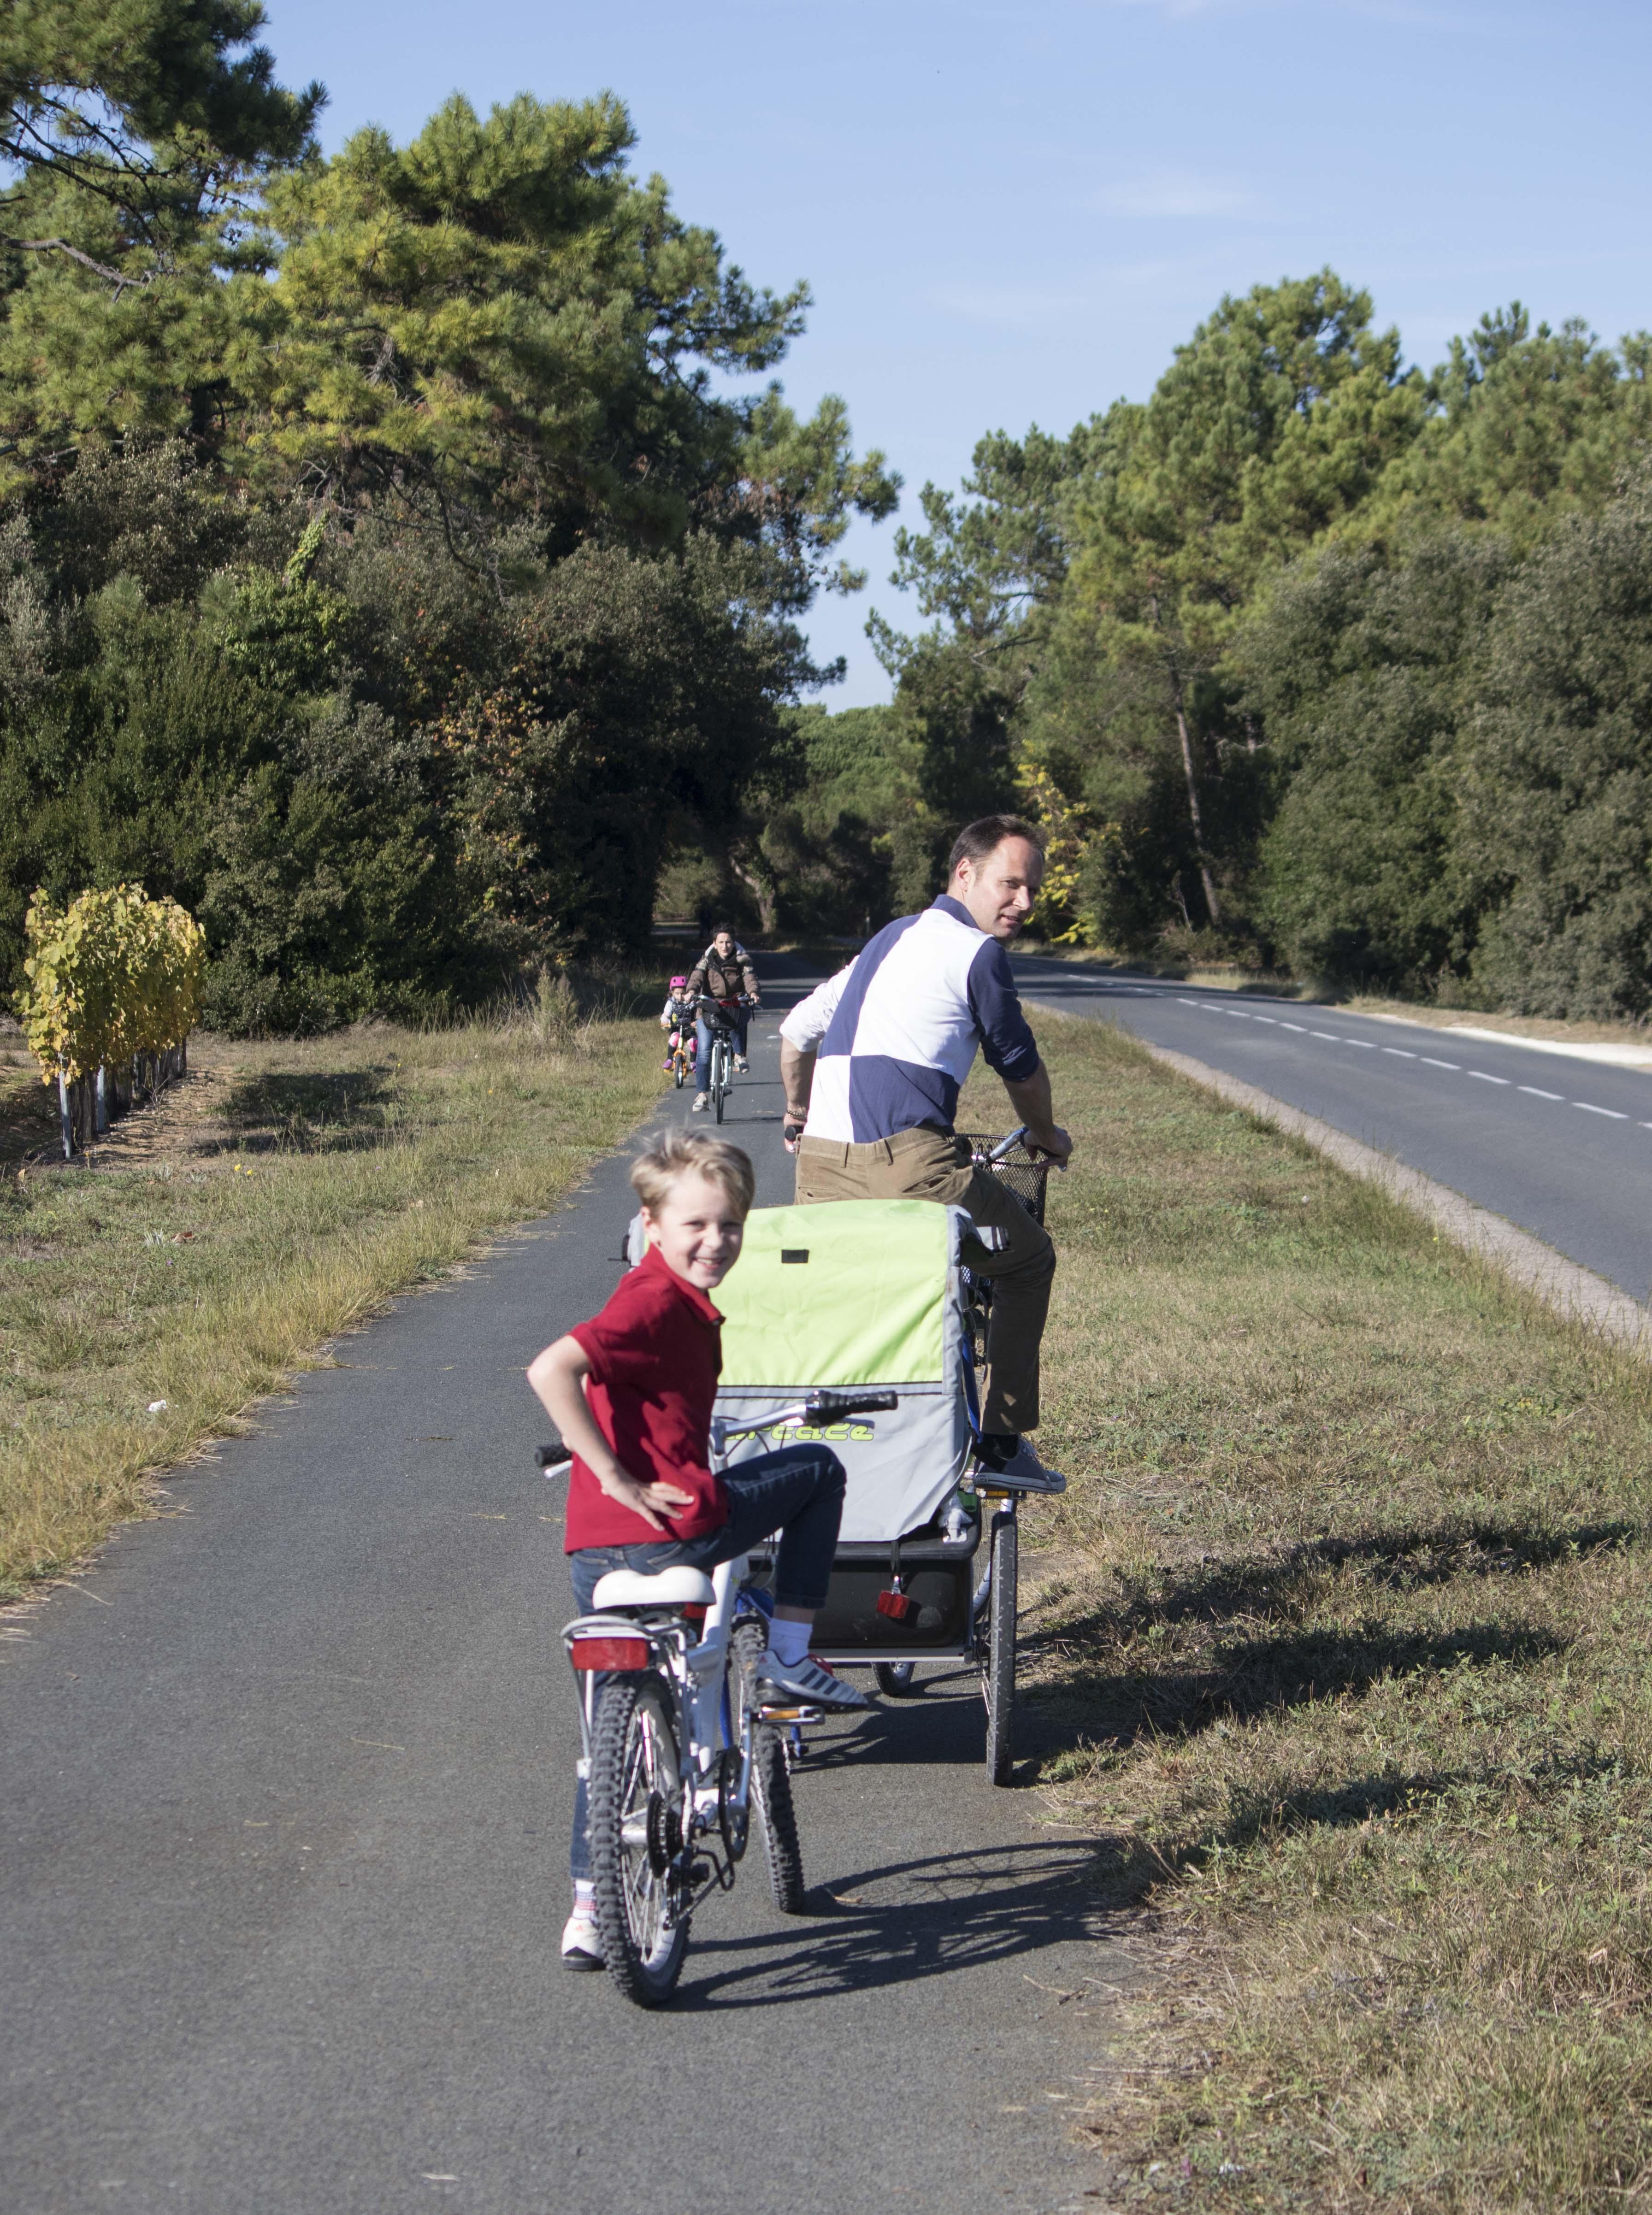 Cycle path on Ile de Re/Piste cyclable sur l'Ile de Re